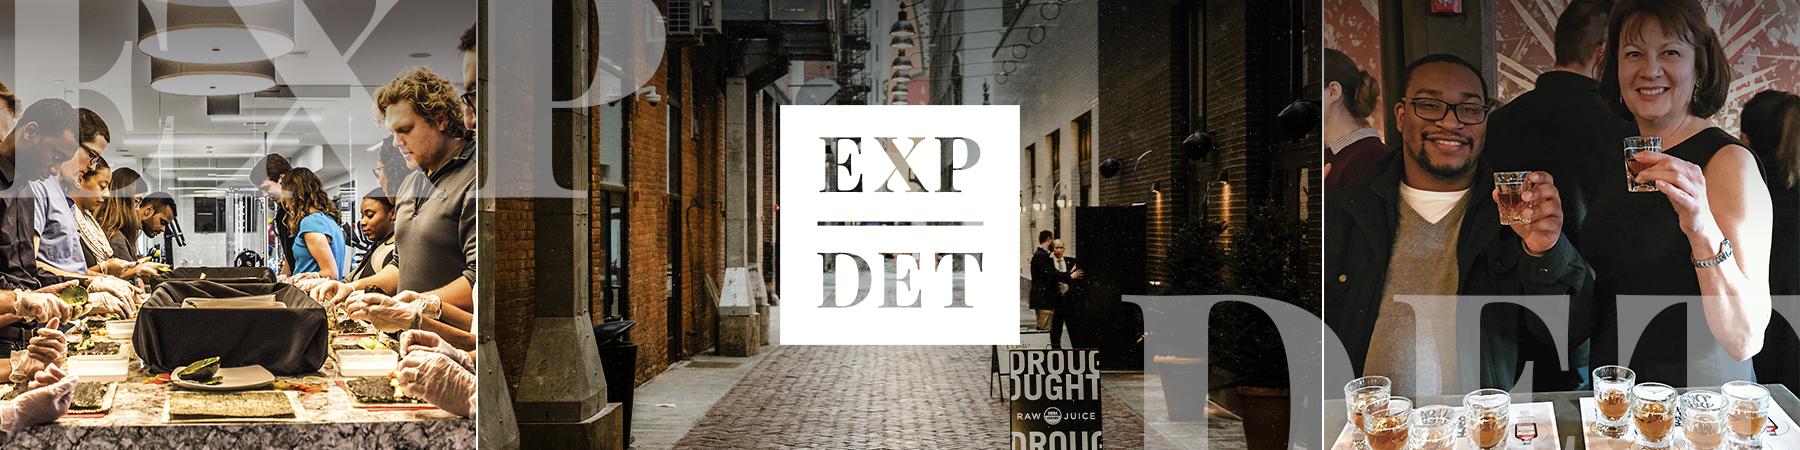 EXPDET_v2.jpg